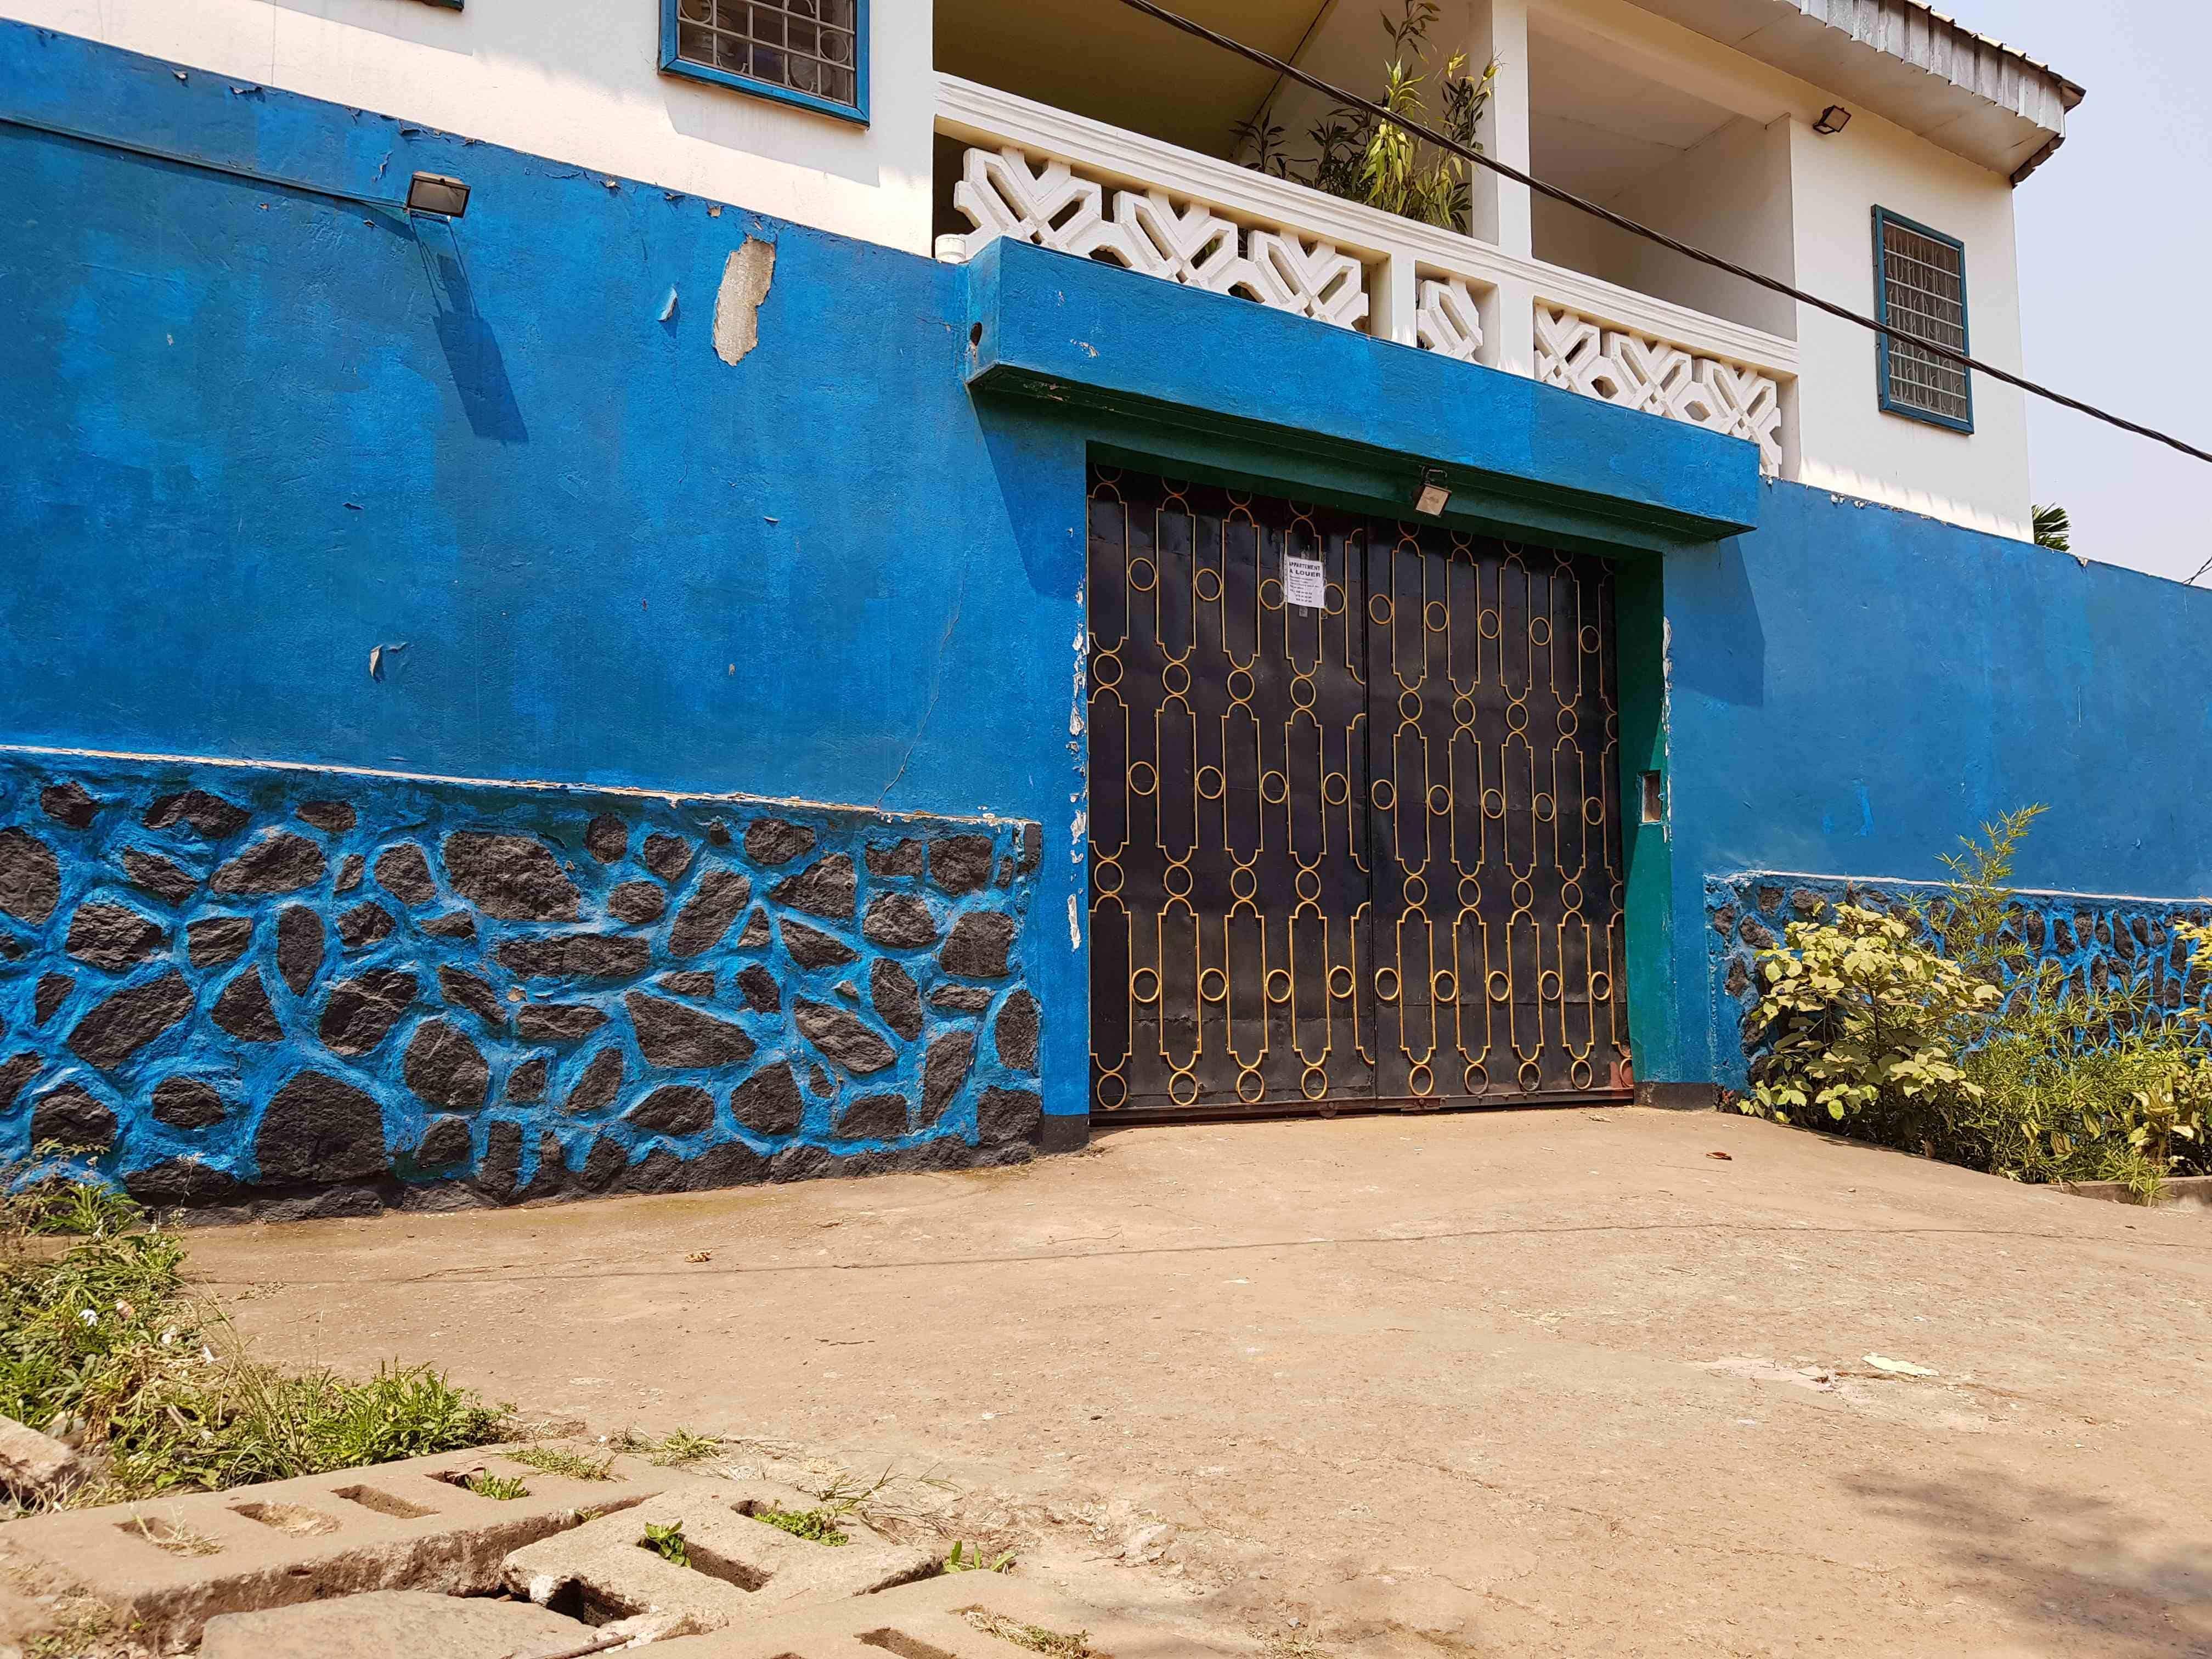 Appartement à louer - Yaoundé, Bastos, Eglise Orthodoxe - 1 salon(s), 3 chambre(s), 2 salle(s) de bains - 450 000 FCFA / mois